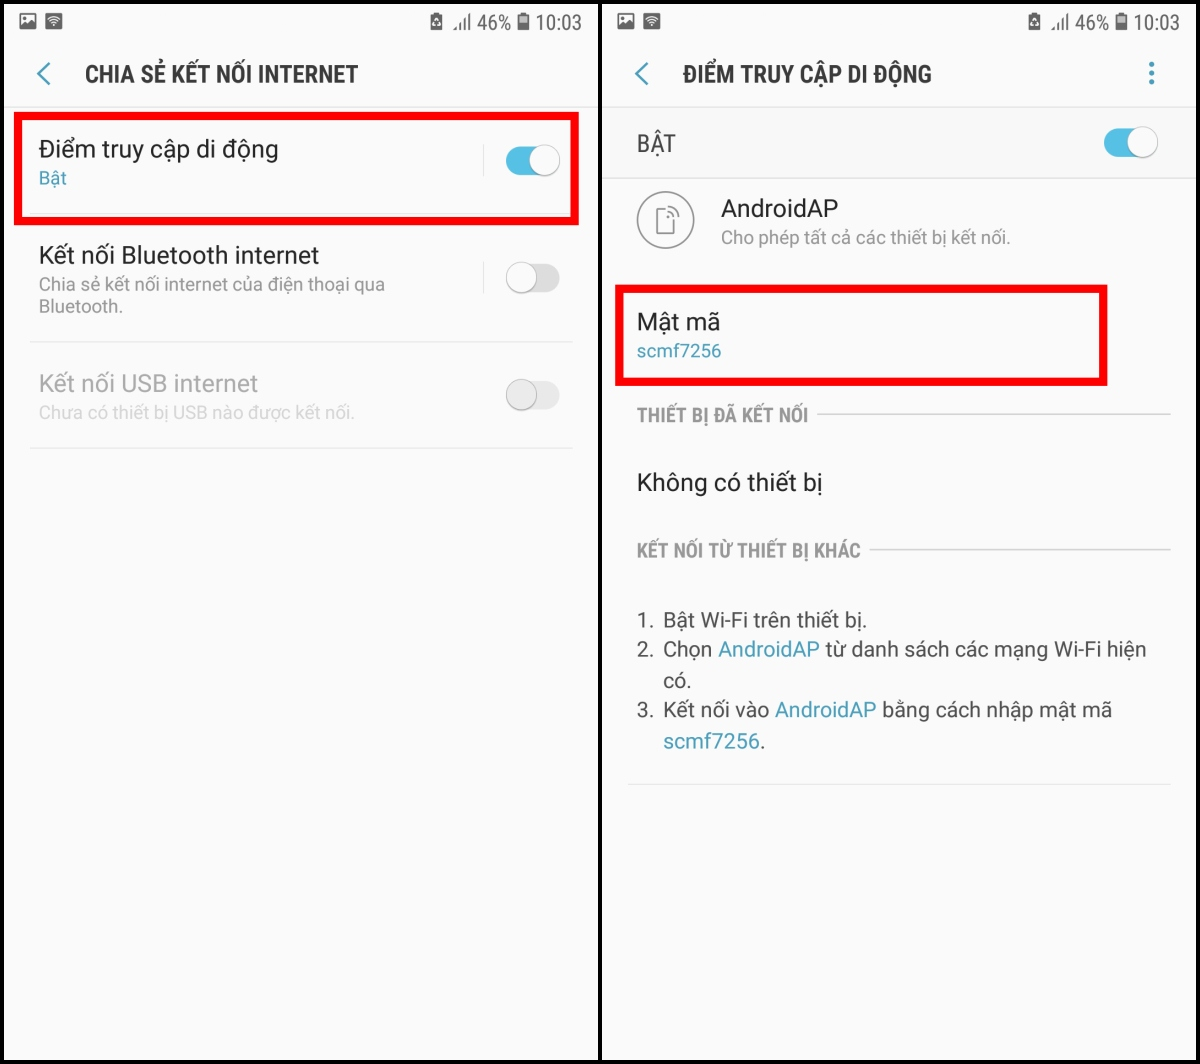 Hướng dẫn cách phát wifi từ điện thoại di động iphone hoặc Android